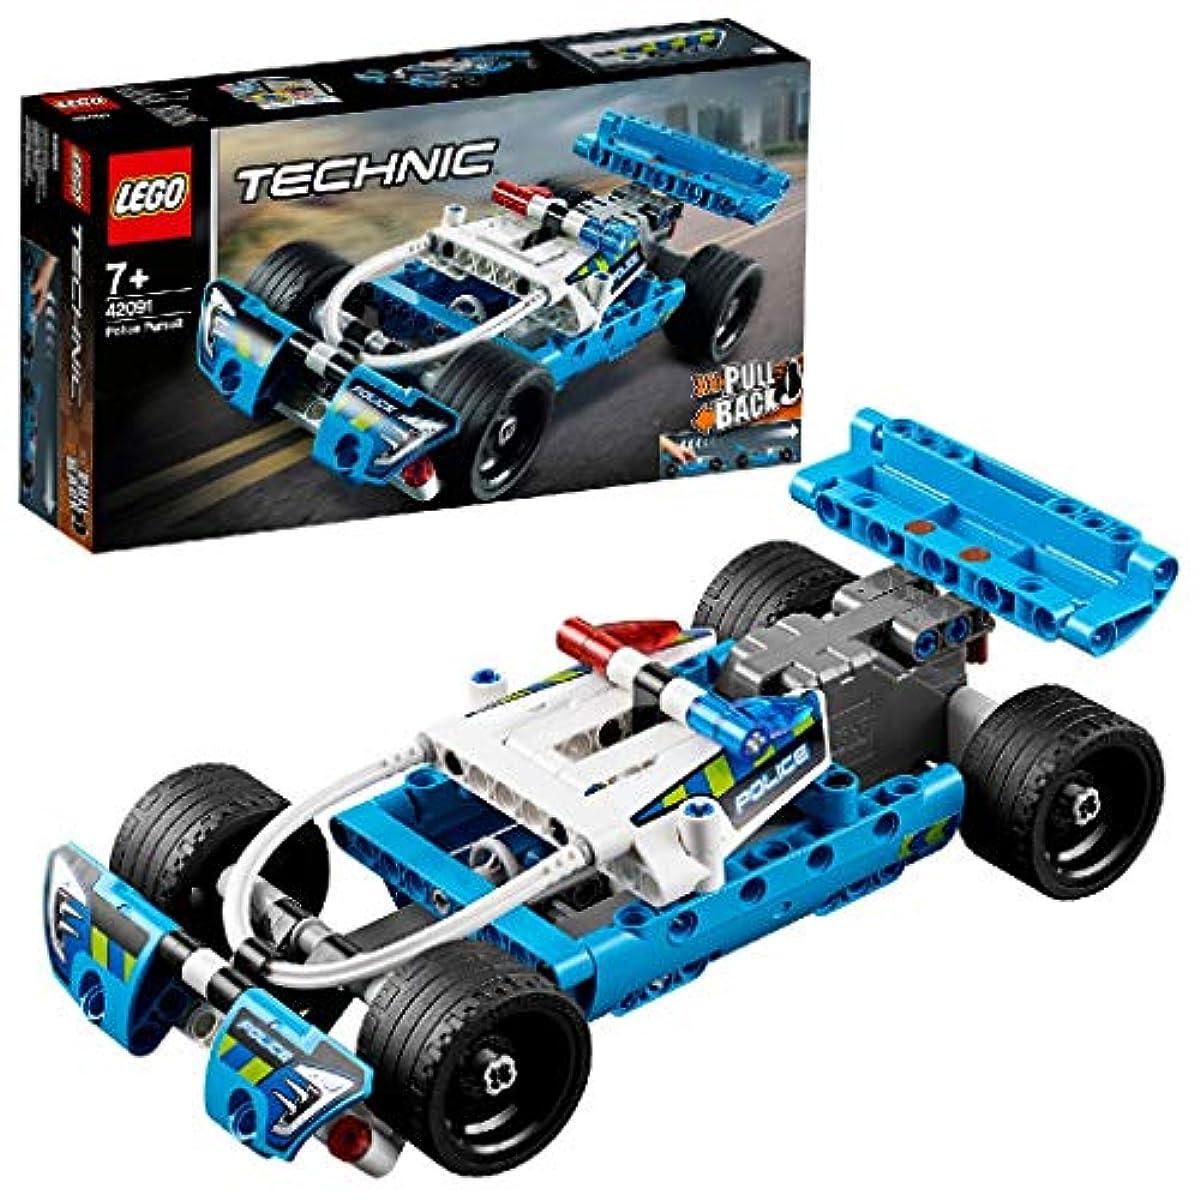 [해외] 레고(LEGO) 테크닉 추적 경찰차 42091 교육 완구 블럭 장난감 사내 아이차